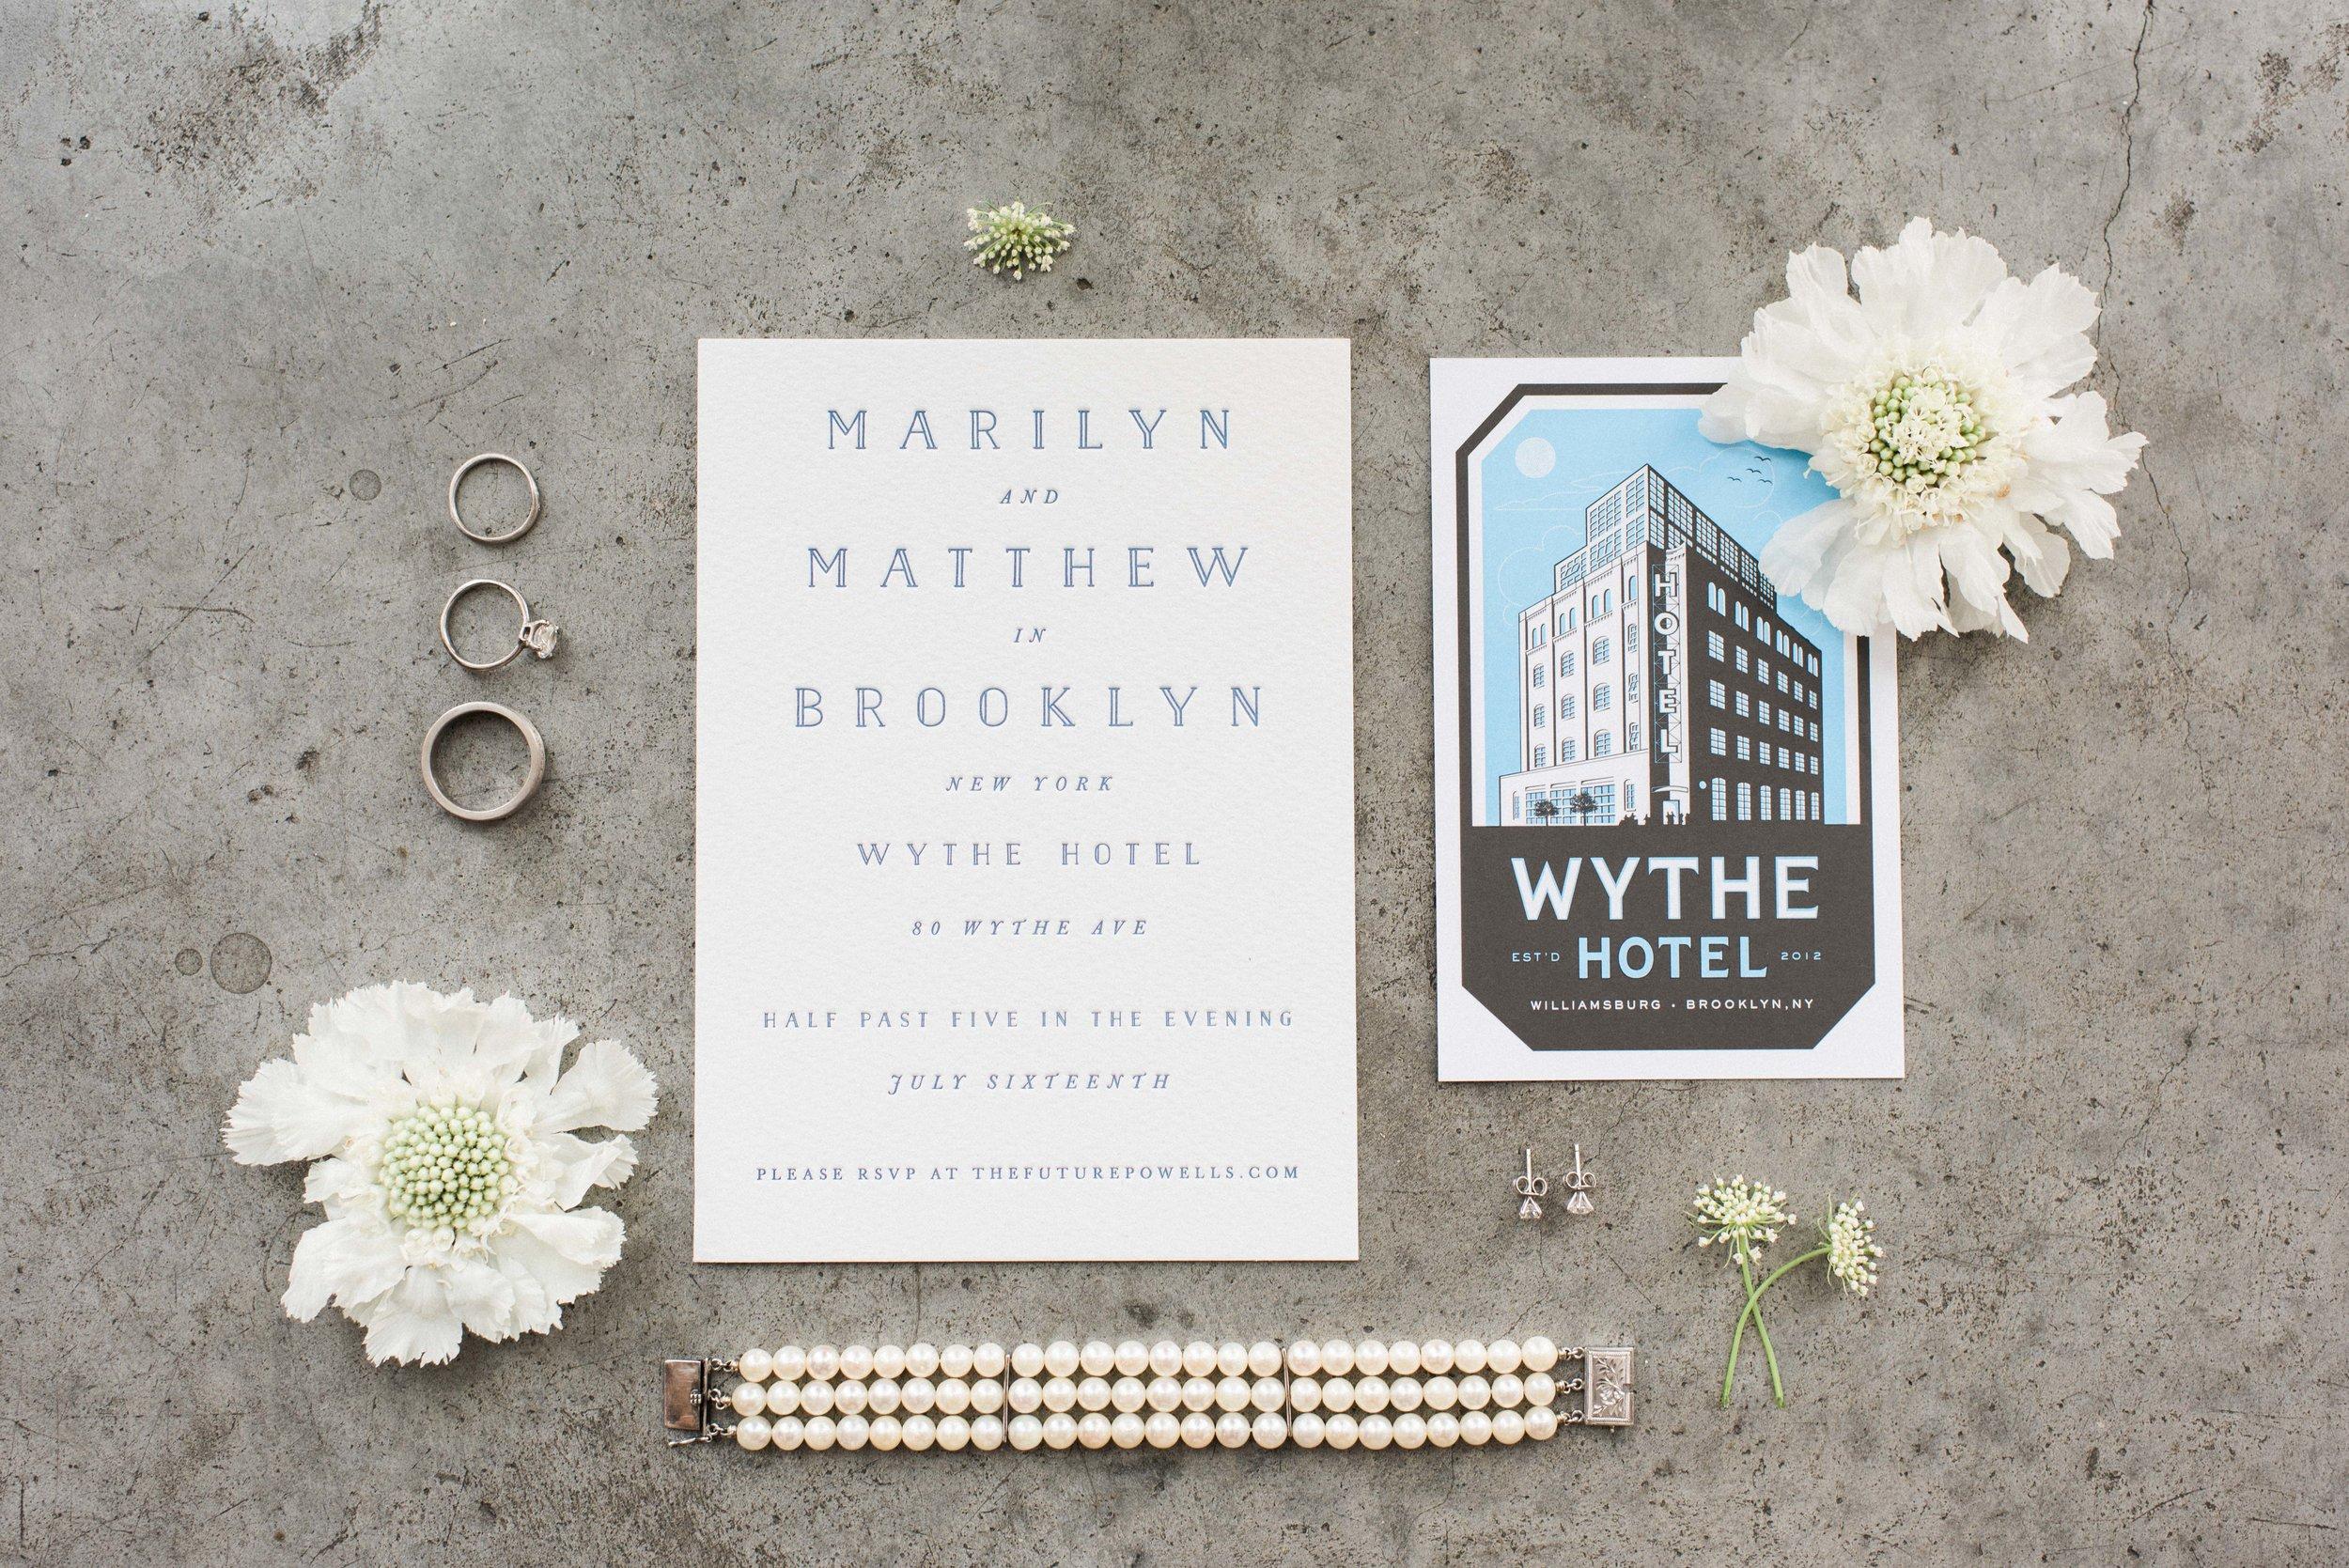 Wythe Hotel | BROOKLYN, NEW YORK